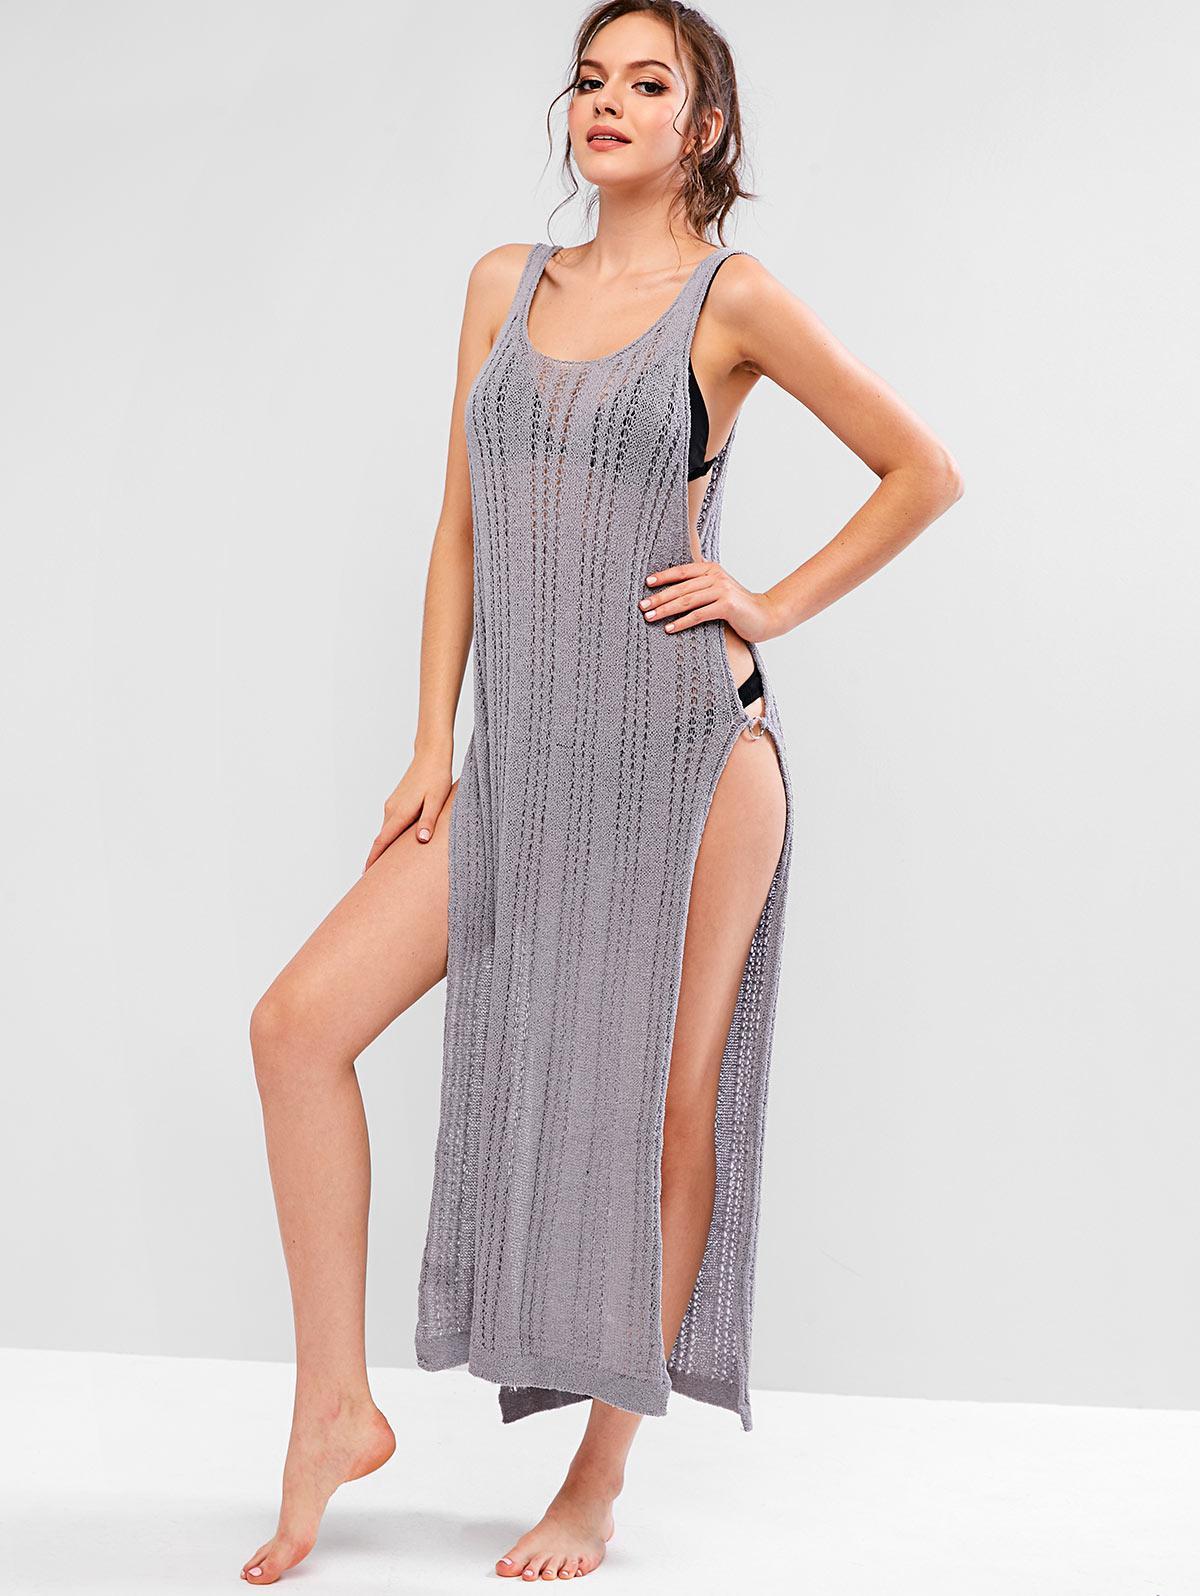 Ring Side Slit Crochet Dress